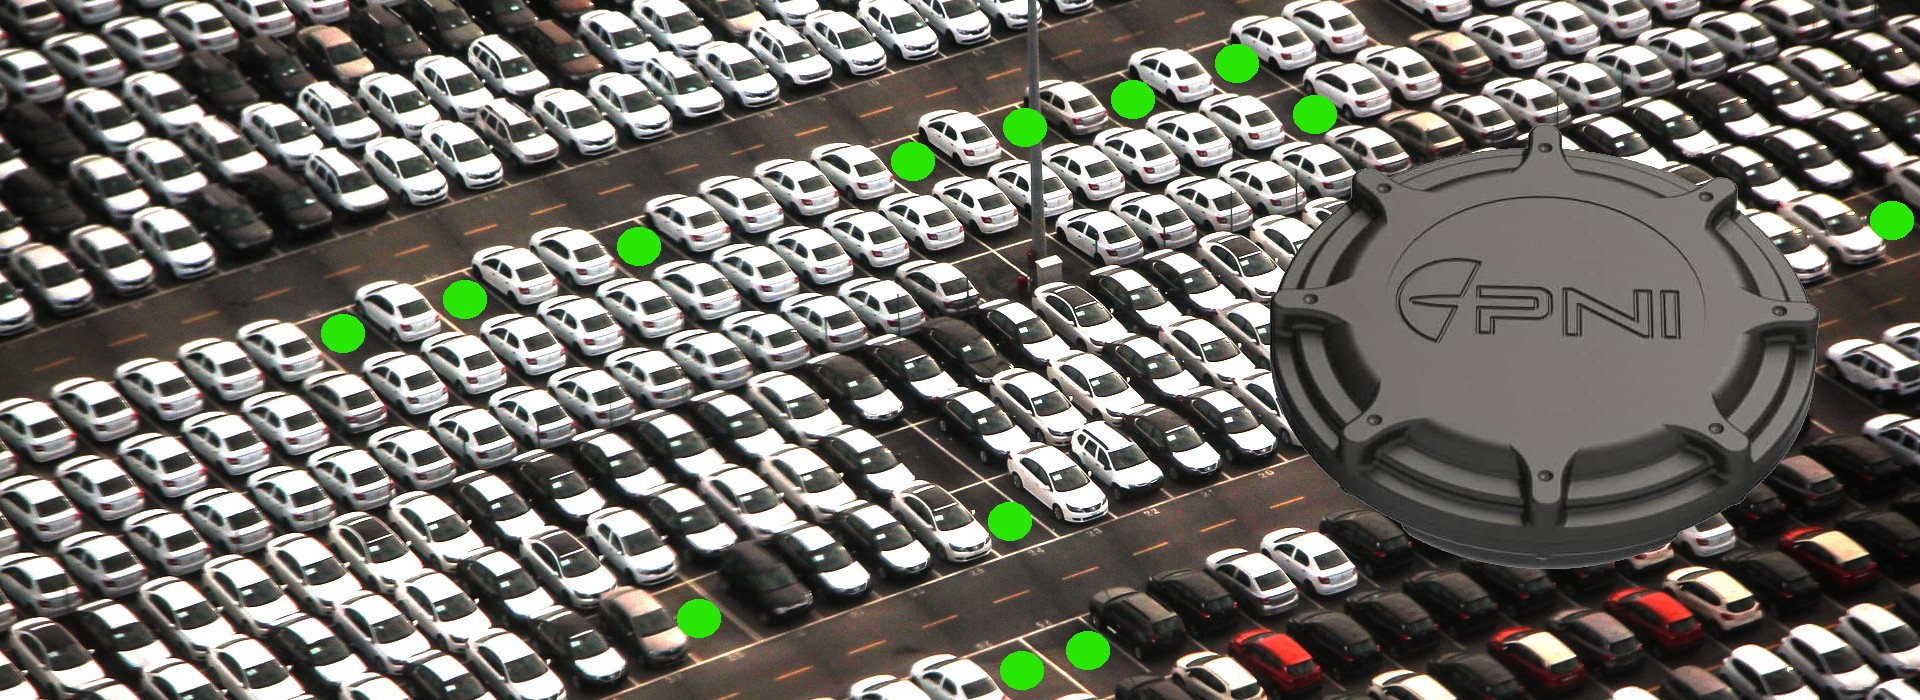 Capteur de gestion de parking LoRaWAN